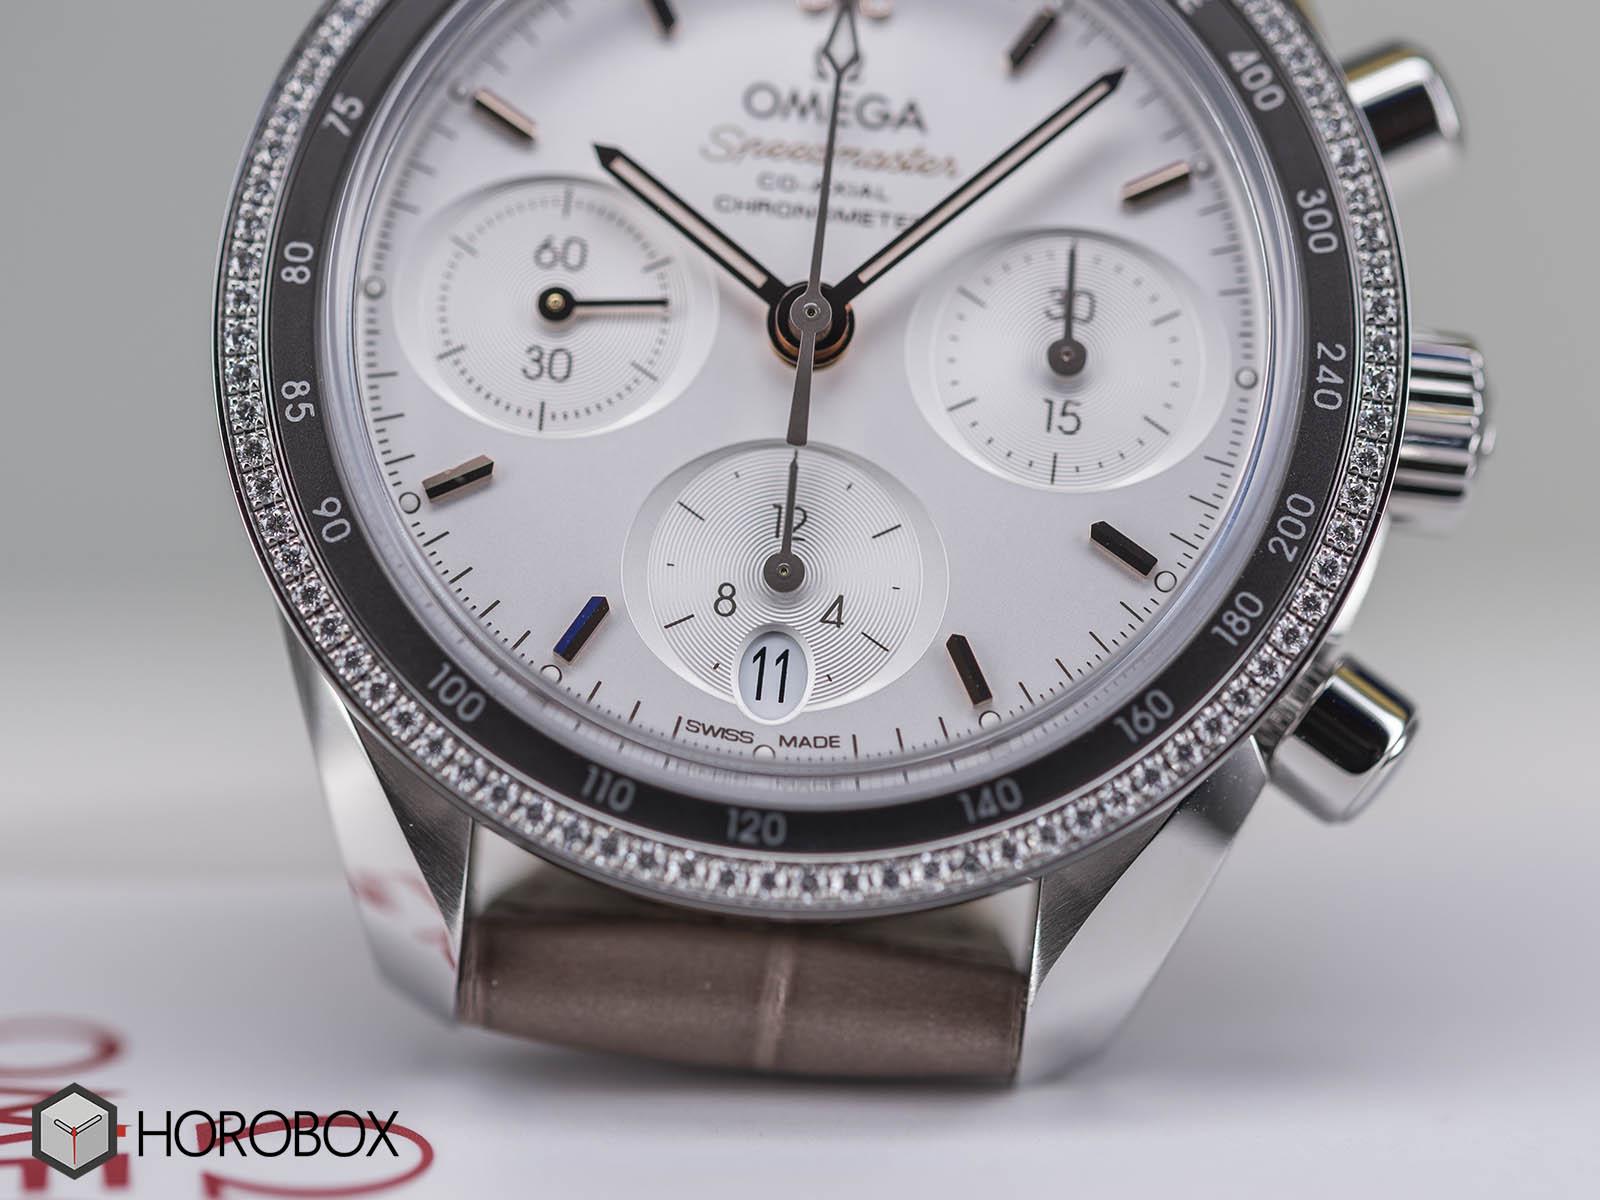 324-38-38-50-02-001-omega-speedmaster-38-chronograph-5.jpg